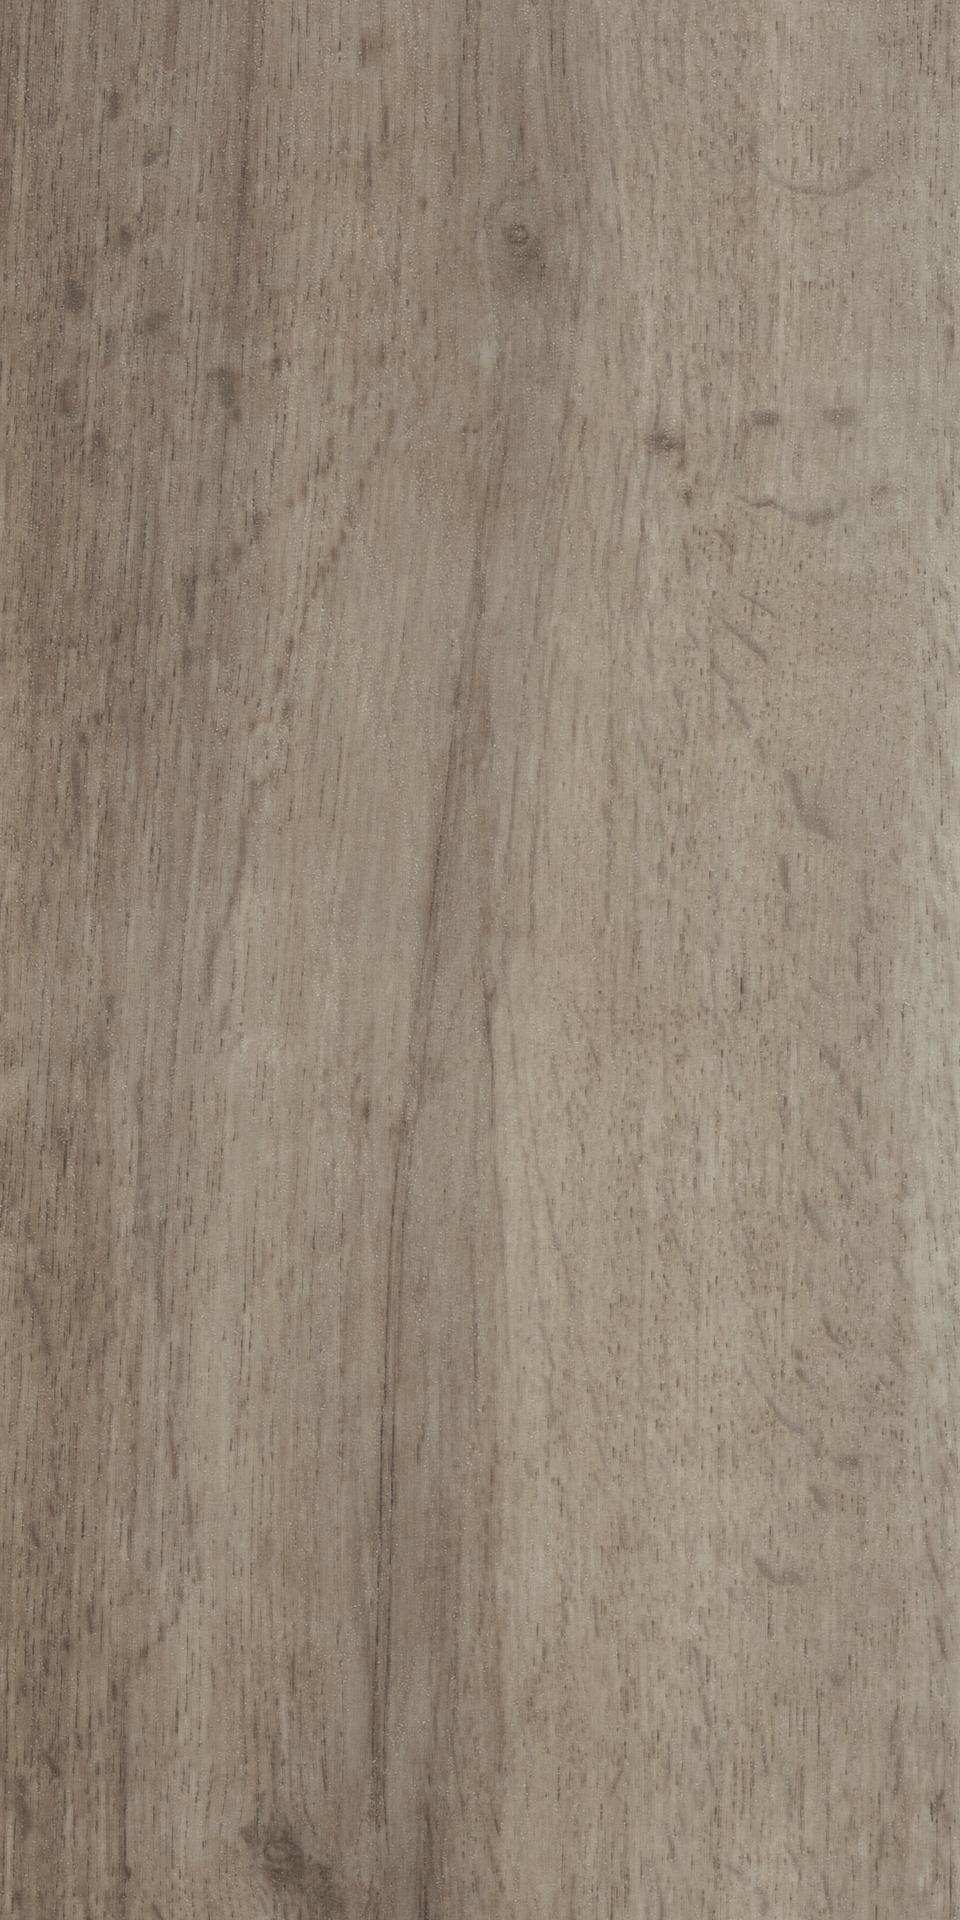 forbo allura fischgrat commercial wood grey autumn oak klebe vinylboden ihr. Black Bedroom Furniture Sets. Home Design Ideas